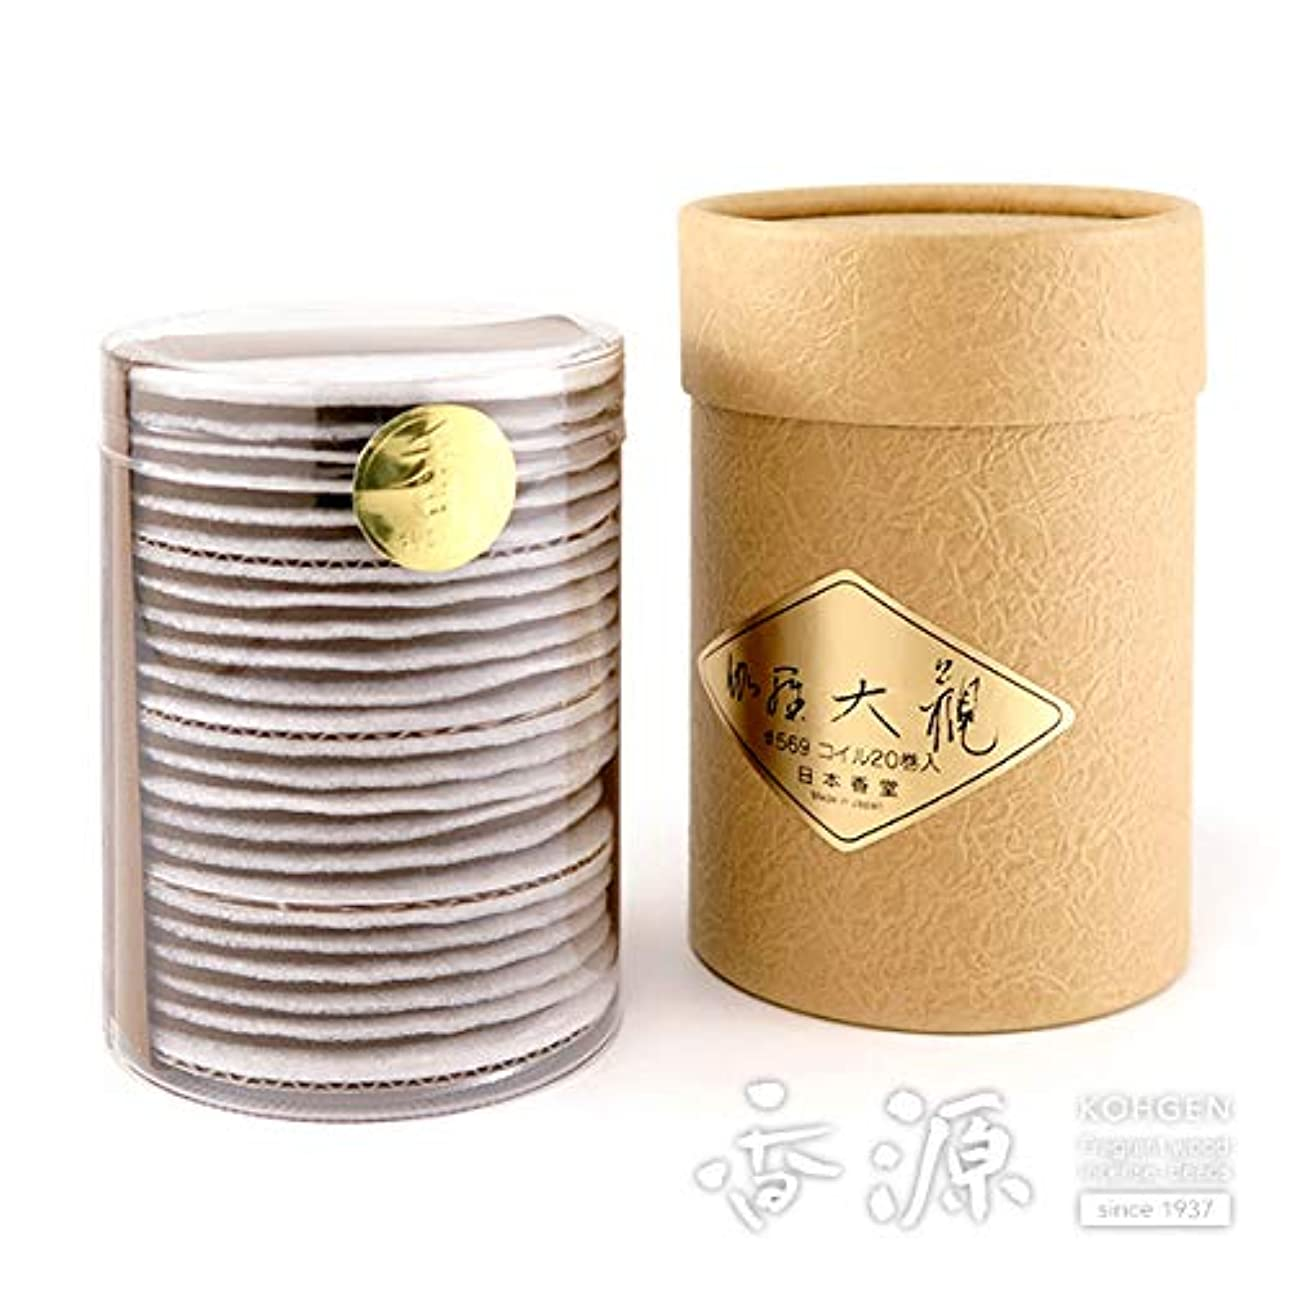 問い合わせるあらゆる種類の毎週日本香堂のお香 伽羅大観 徳用渦巻20枚入